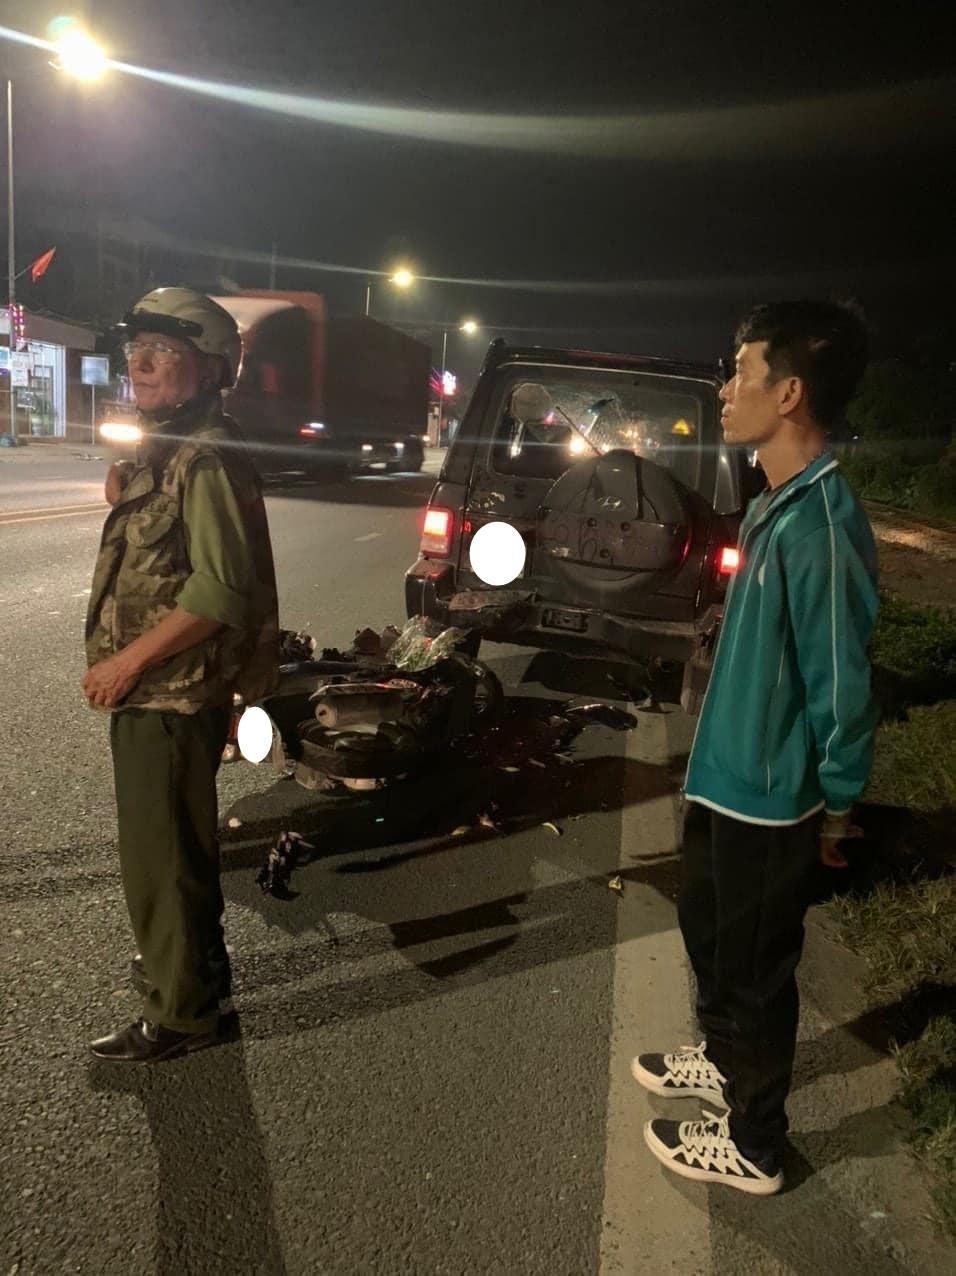 Người dân theo dõi vụ tai nạn cũng như điều tiết giao thông để chờ lực lượng chức năng có mặt